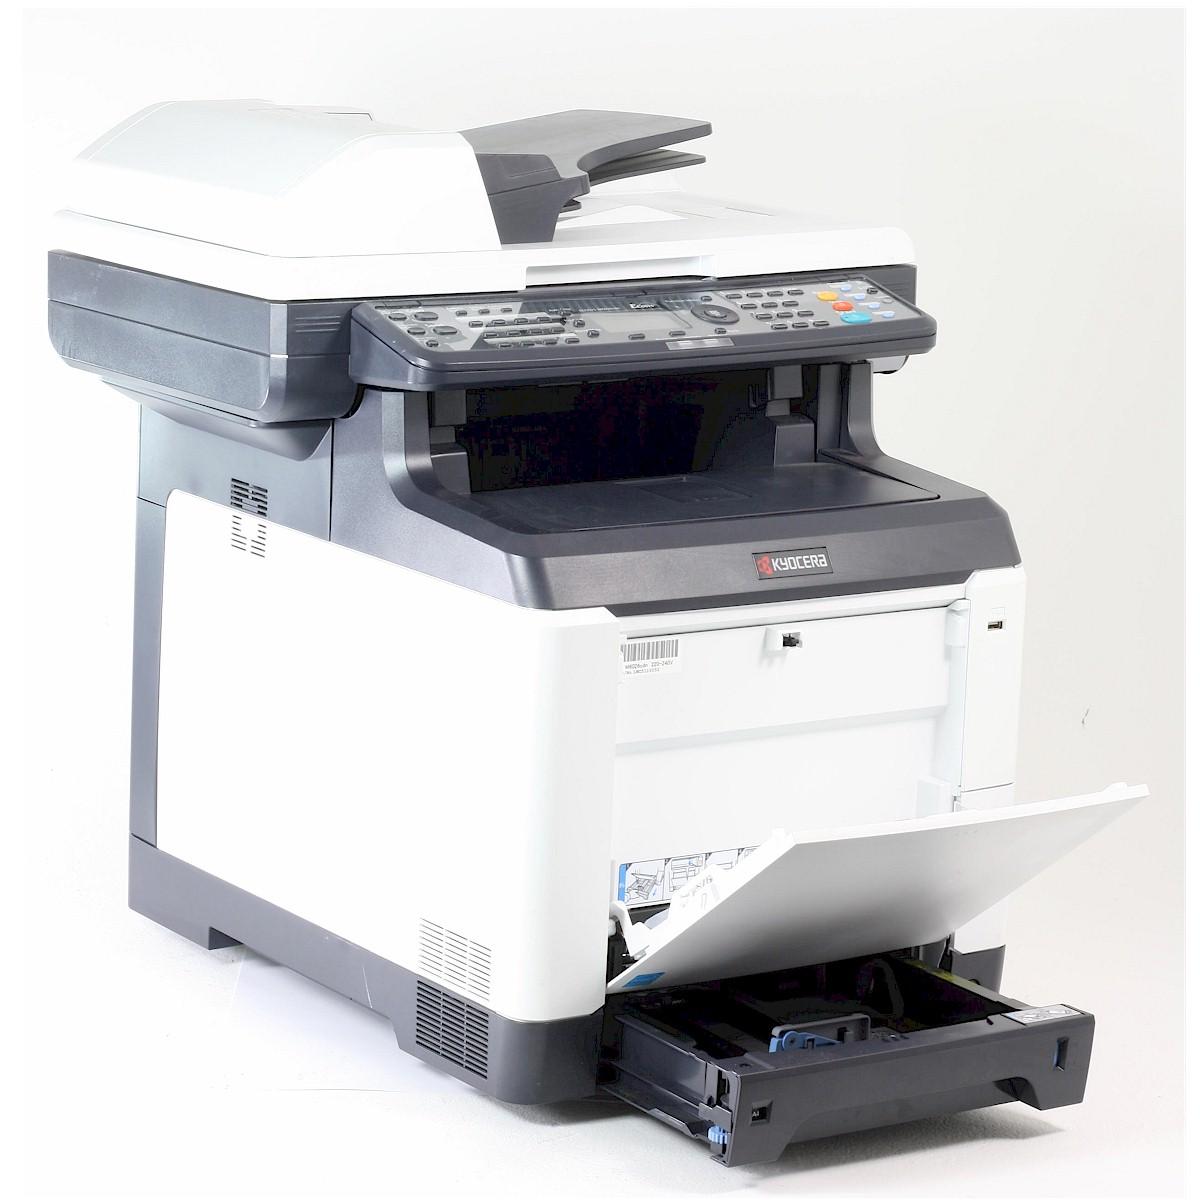 Kyocera FS-C2126 MFP Drucker Laserdrucker Kopierer Scanner Fax Color gebraucht /  unter 75.000 Seiten